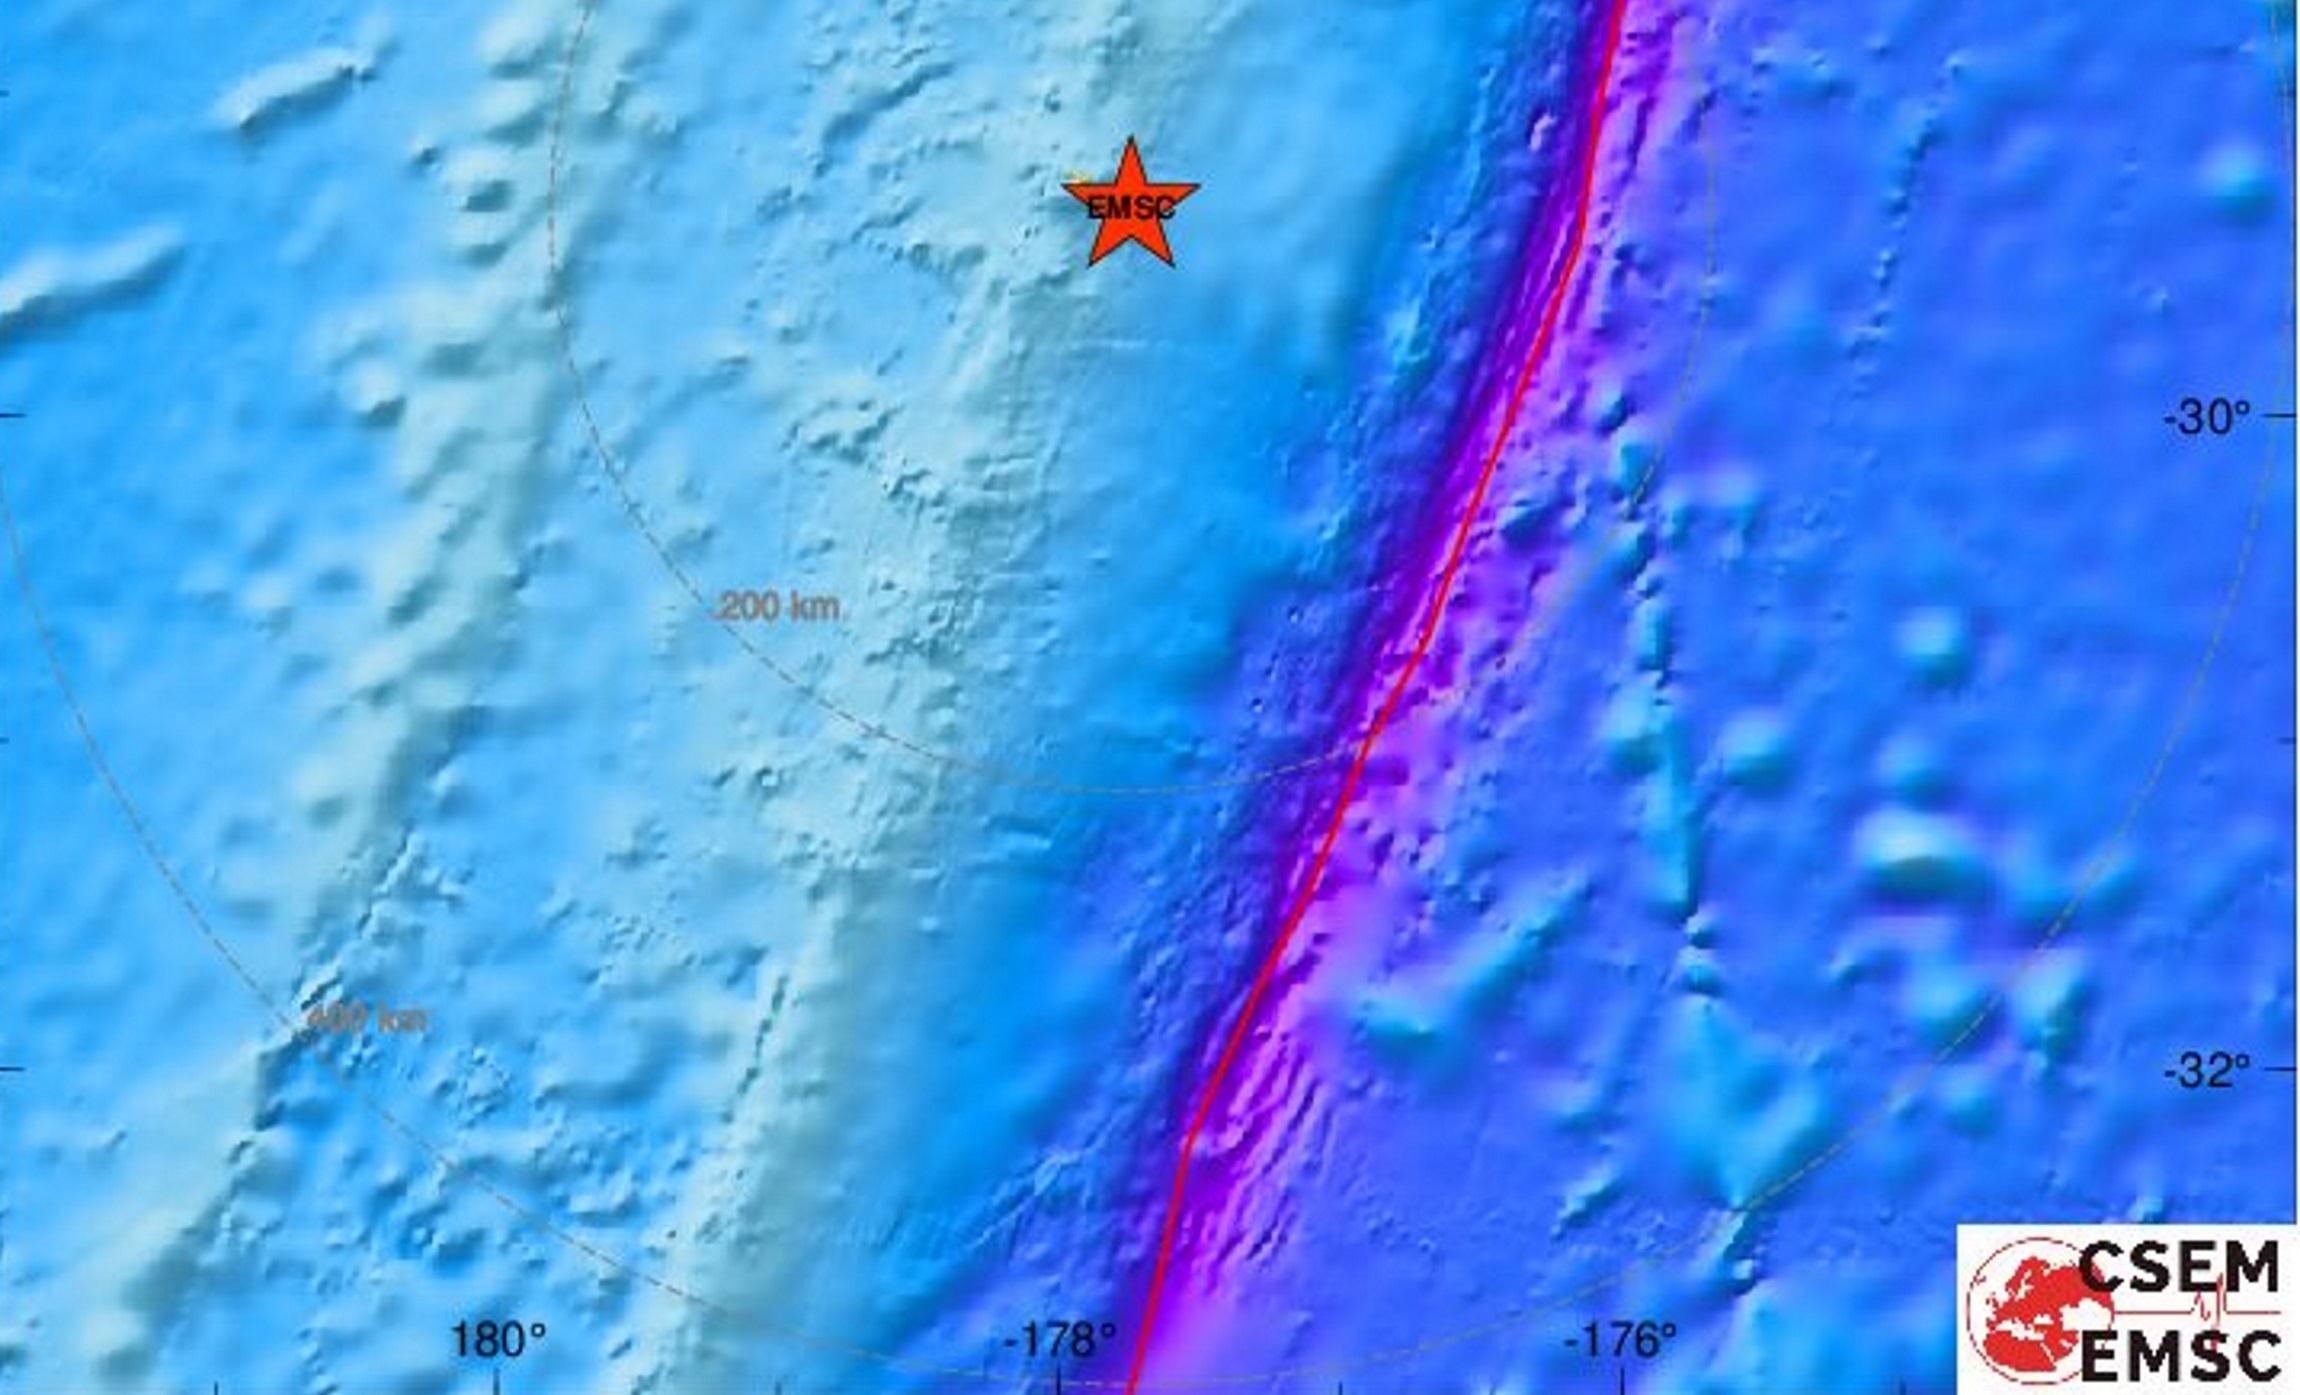 Νέος ισχυρότατος σεισμός στην Νέα Ζηλανδία! 7,2 Ρίχτερ το μέγεθος της δόνησης και μπαράζ μετασεισμών!